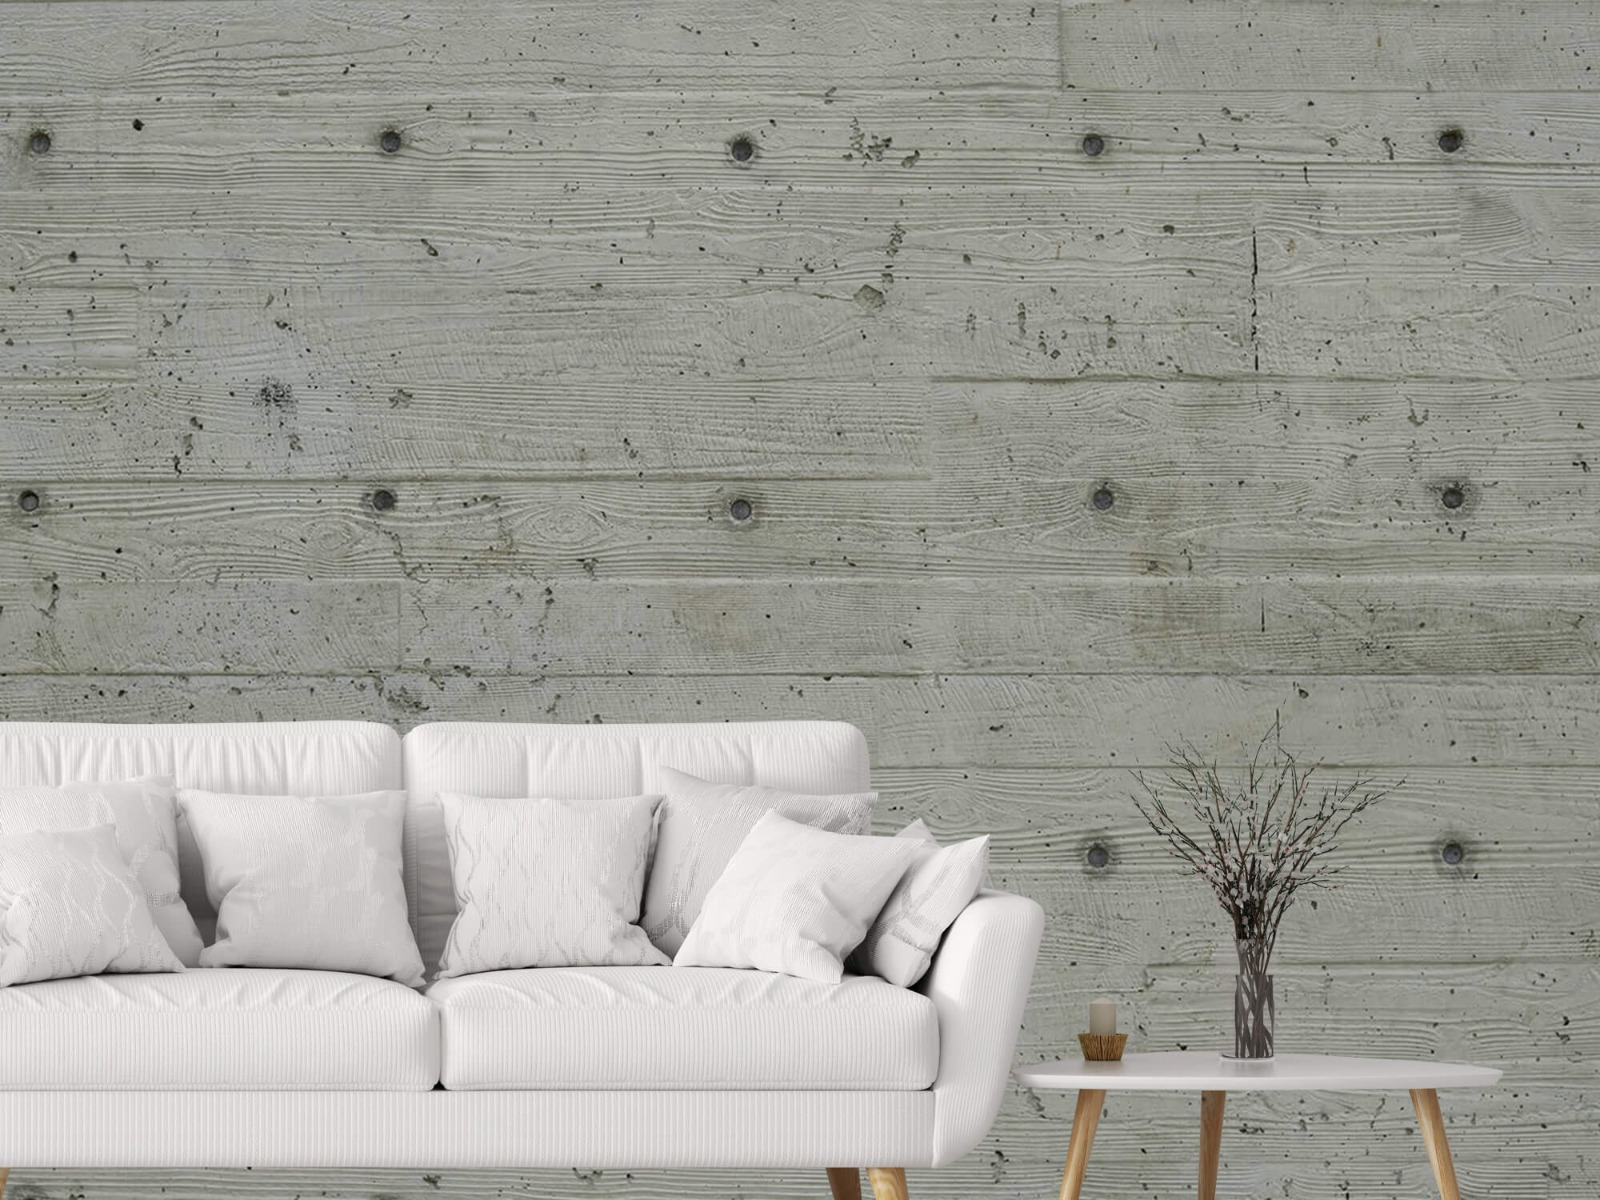 Betonlook behang - Beton met hout look - Slaapkamer 1